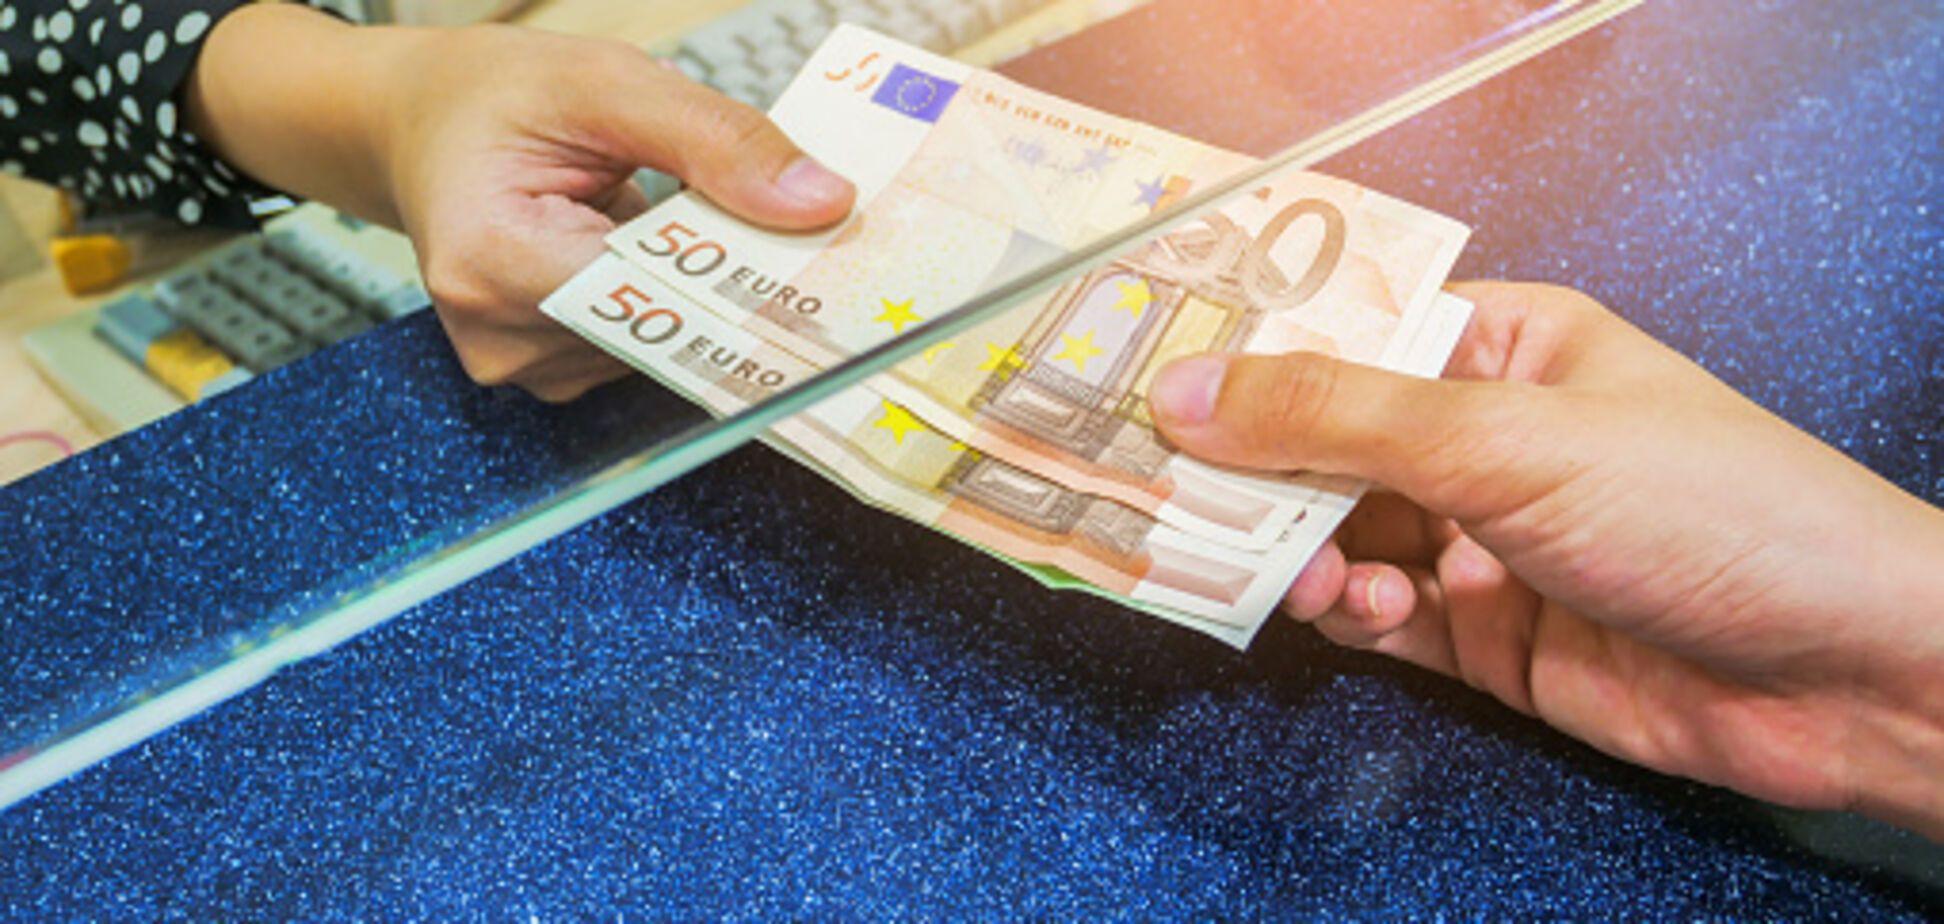 Гривня побила новый исторический антирекорд: Нацбанк обнародовал курс валют